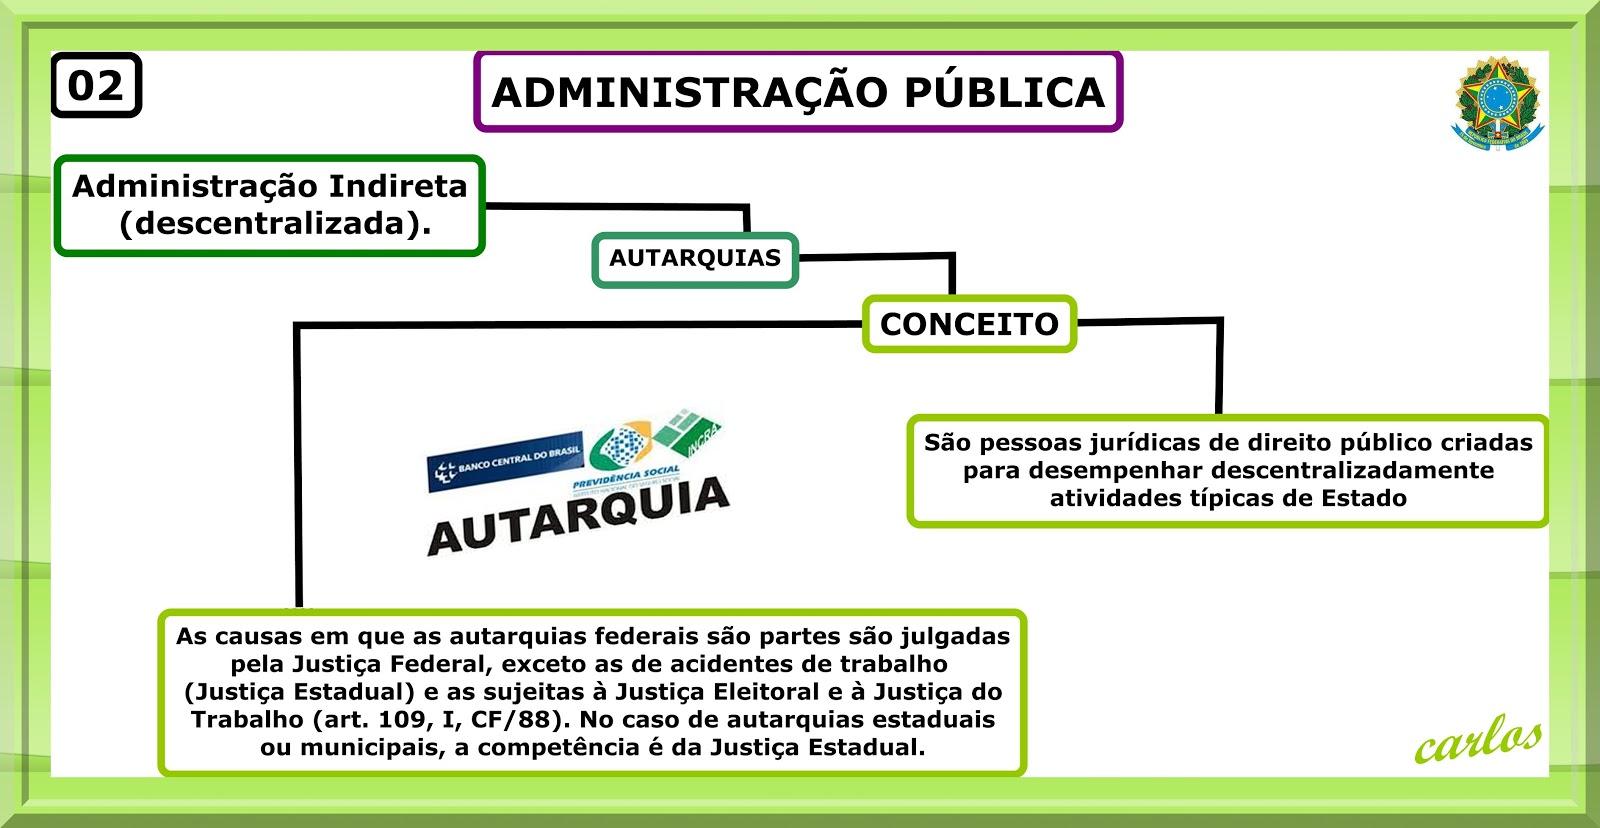 ADMINISTRAÇÃO PÚBLICA - AUTARQUIA